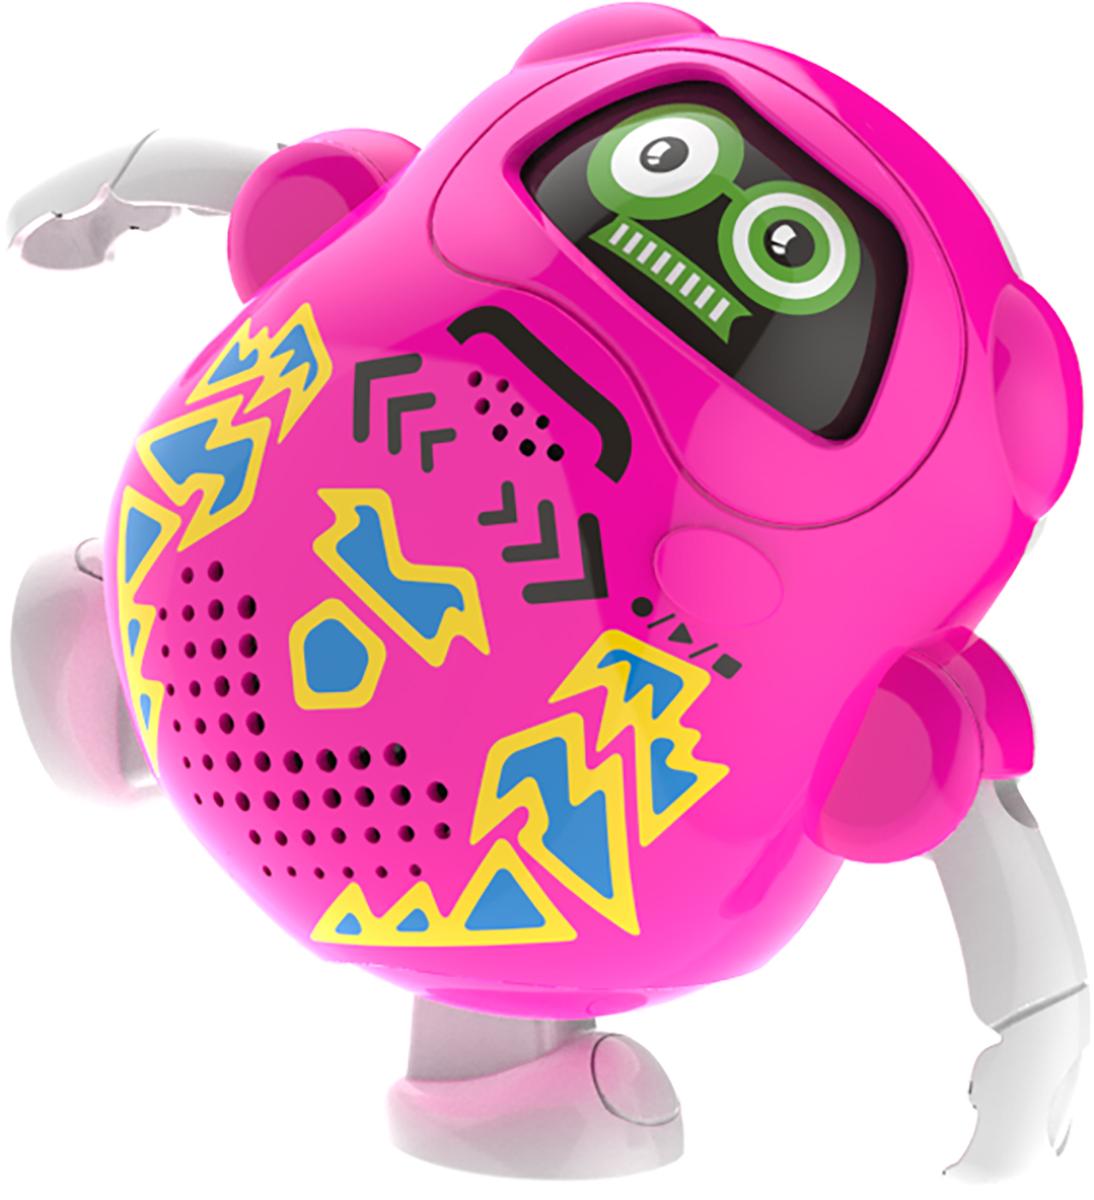 Silverlit Old School Робот Токибо цвет розовый - Интерактивные игрушки